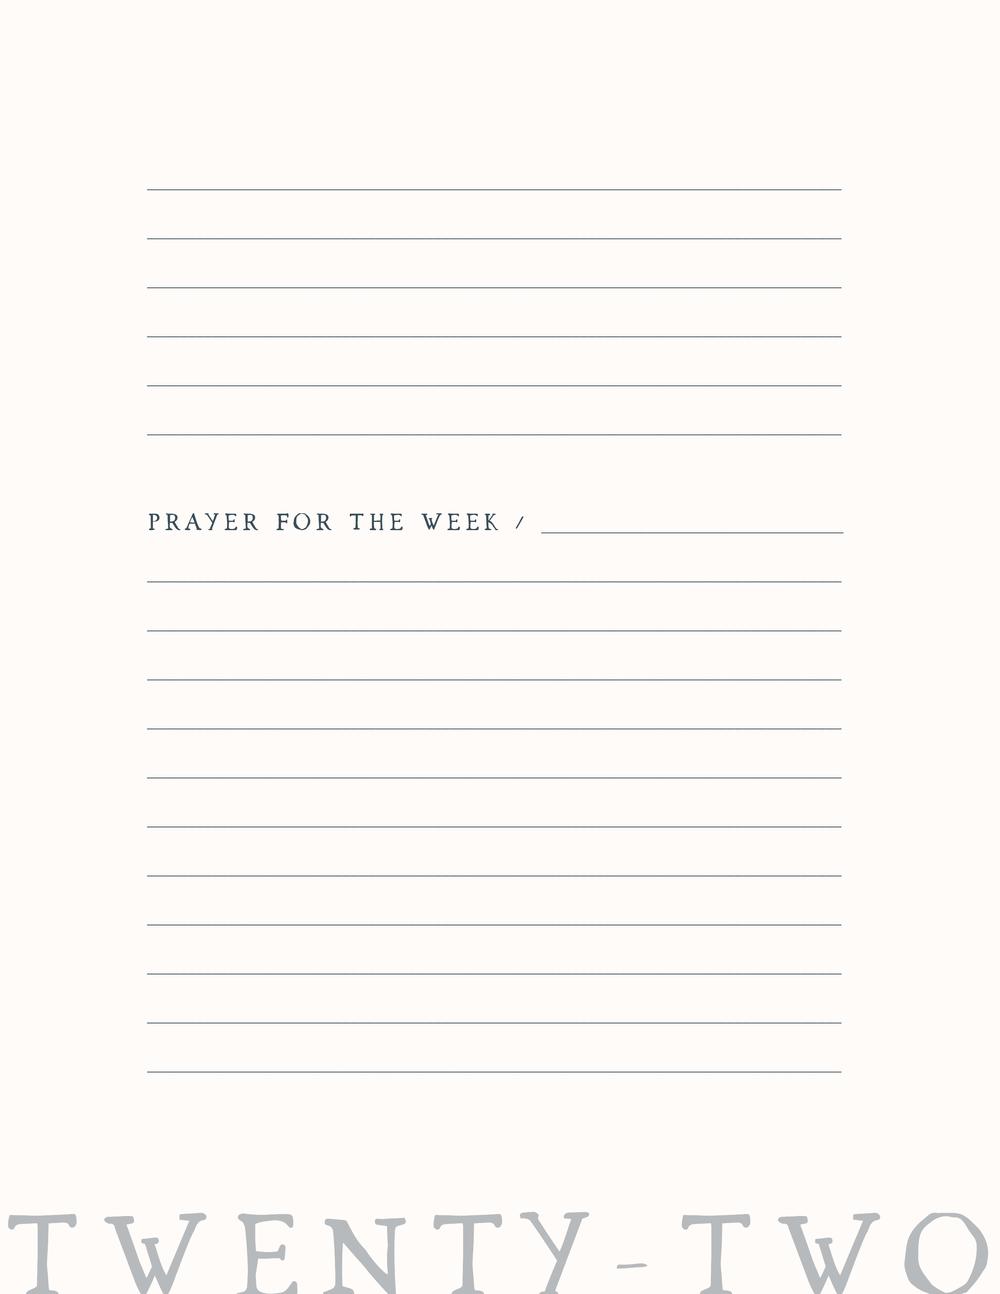 week222.png